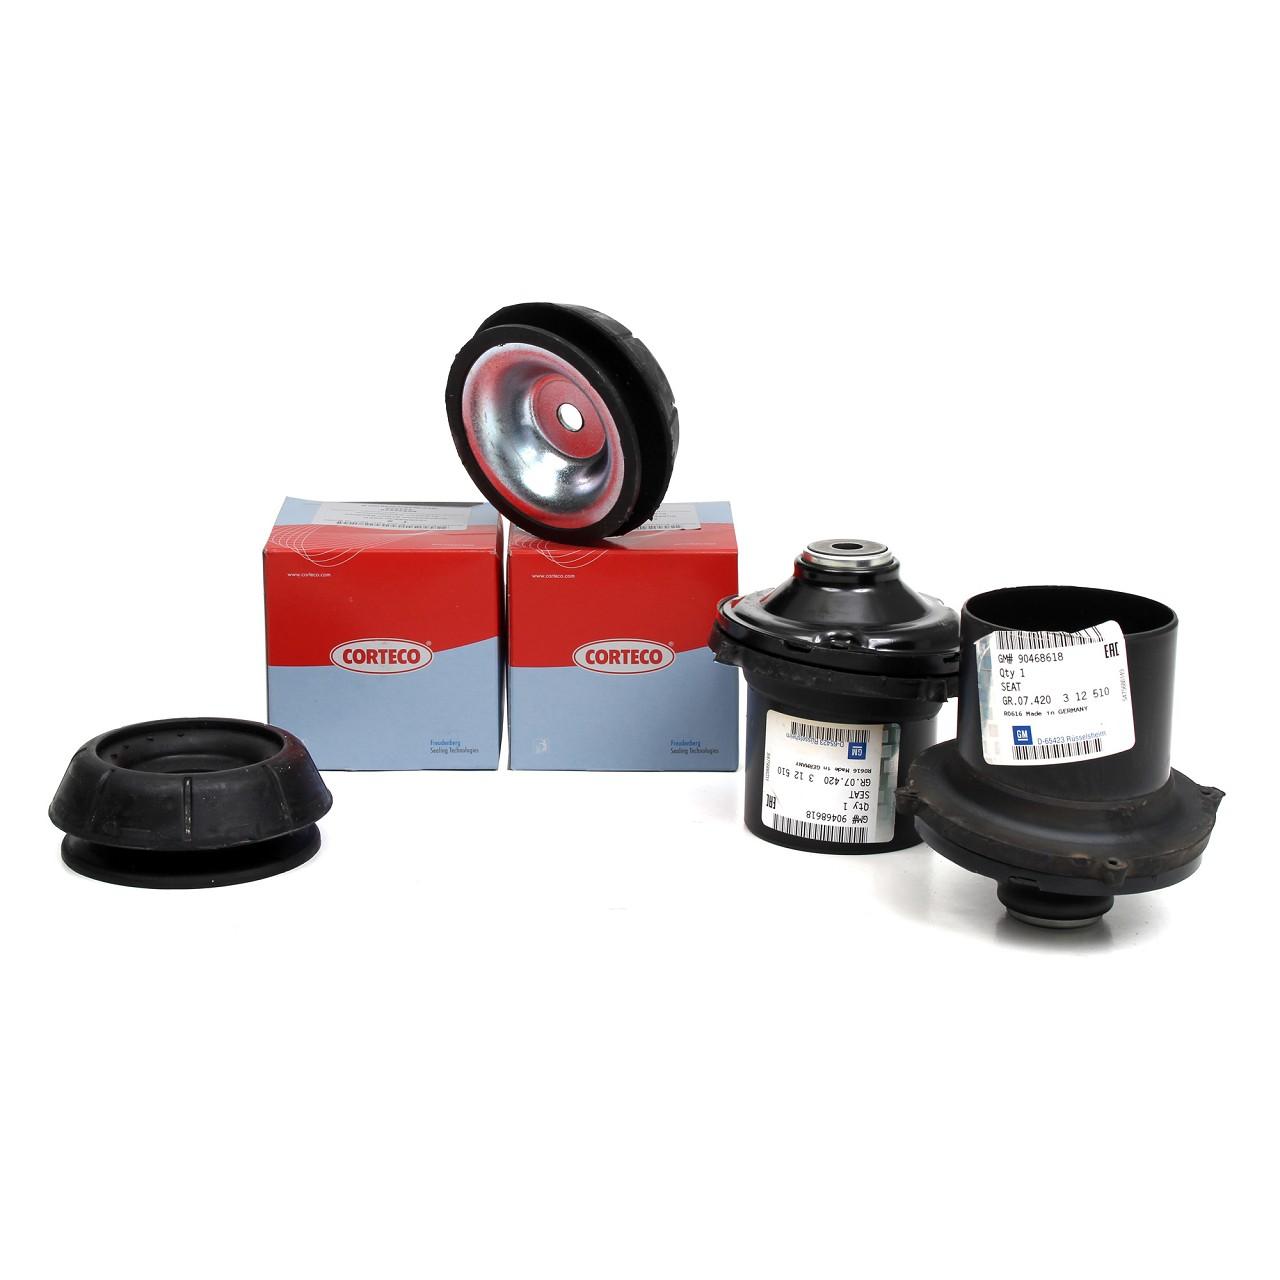 2x ORIGINAL Opel Federbeinlager Domlager 90468618 + 2x CORTECO 90538936 vorne